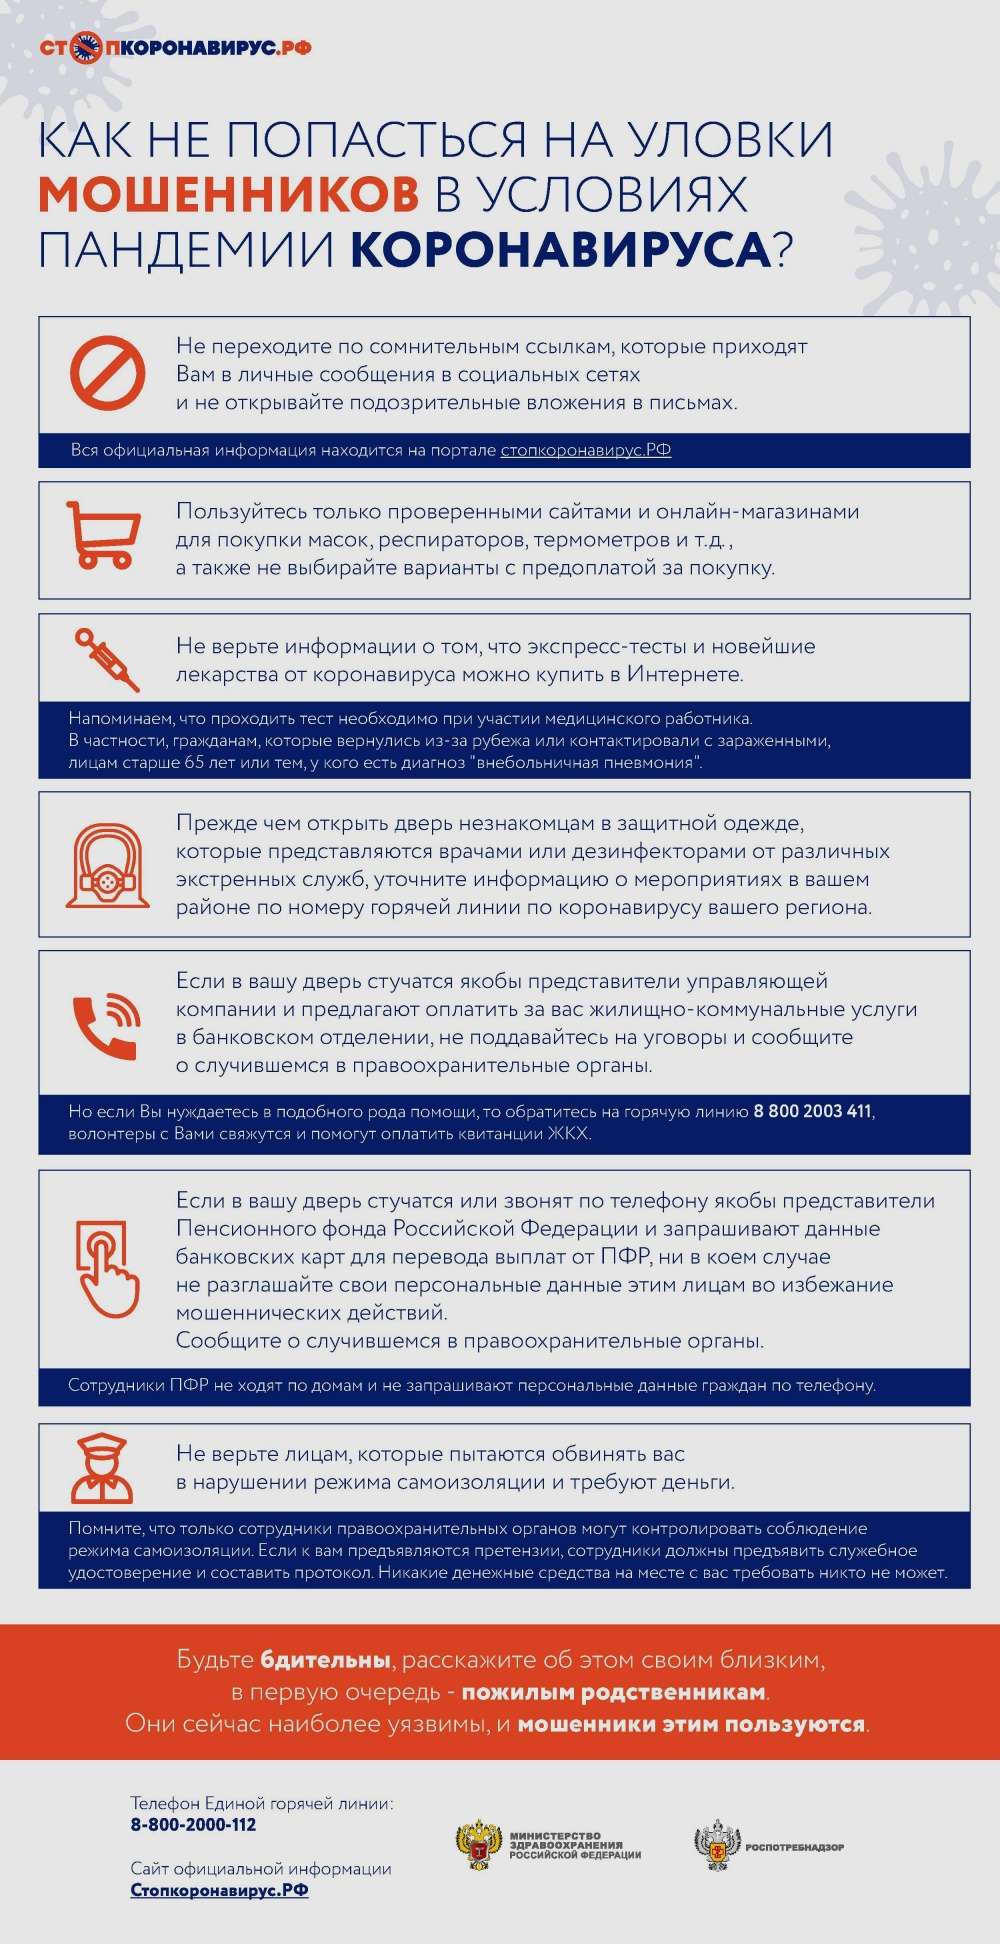 Как не попасться на уловки мошенников в период пандемии и коронавируса